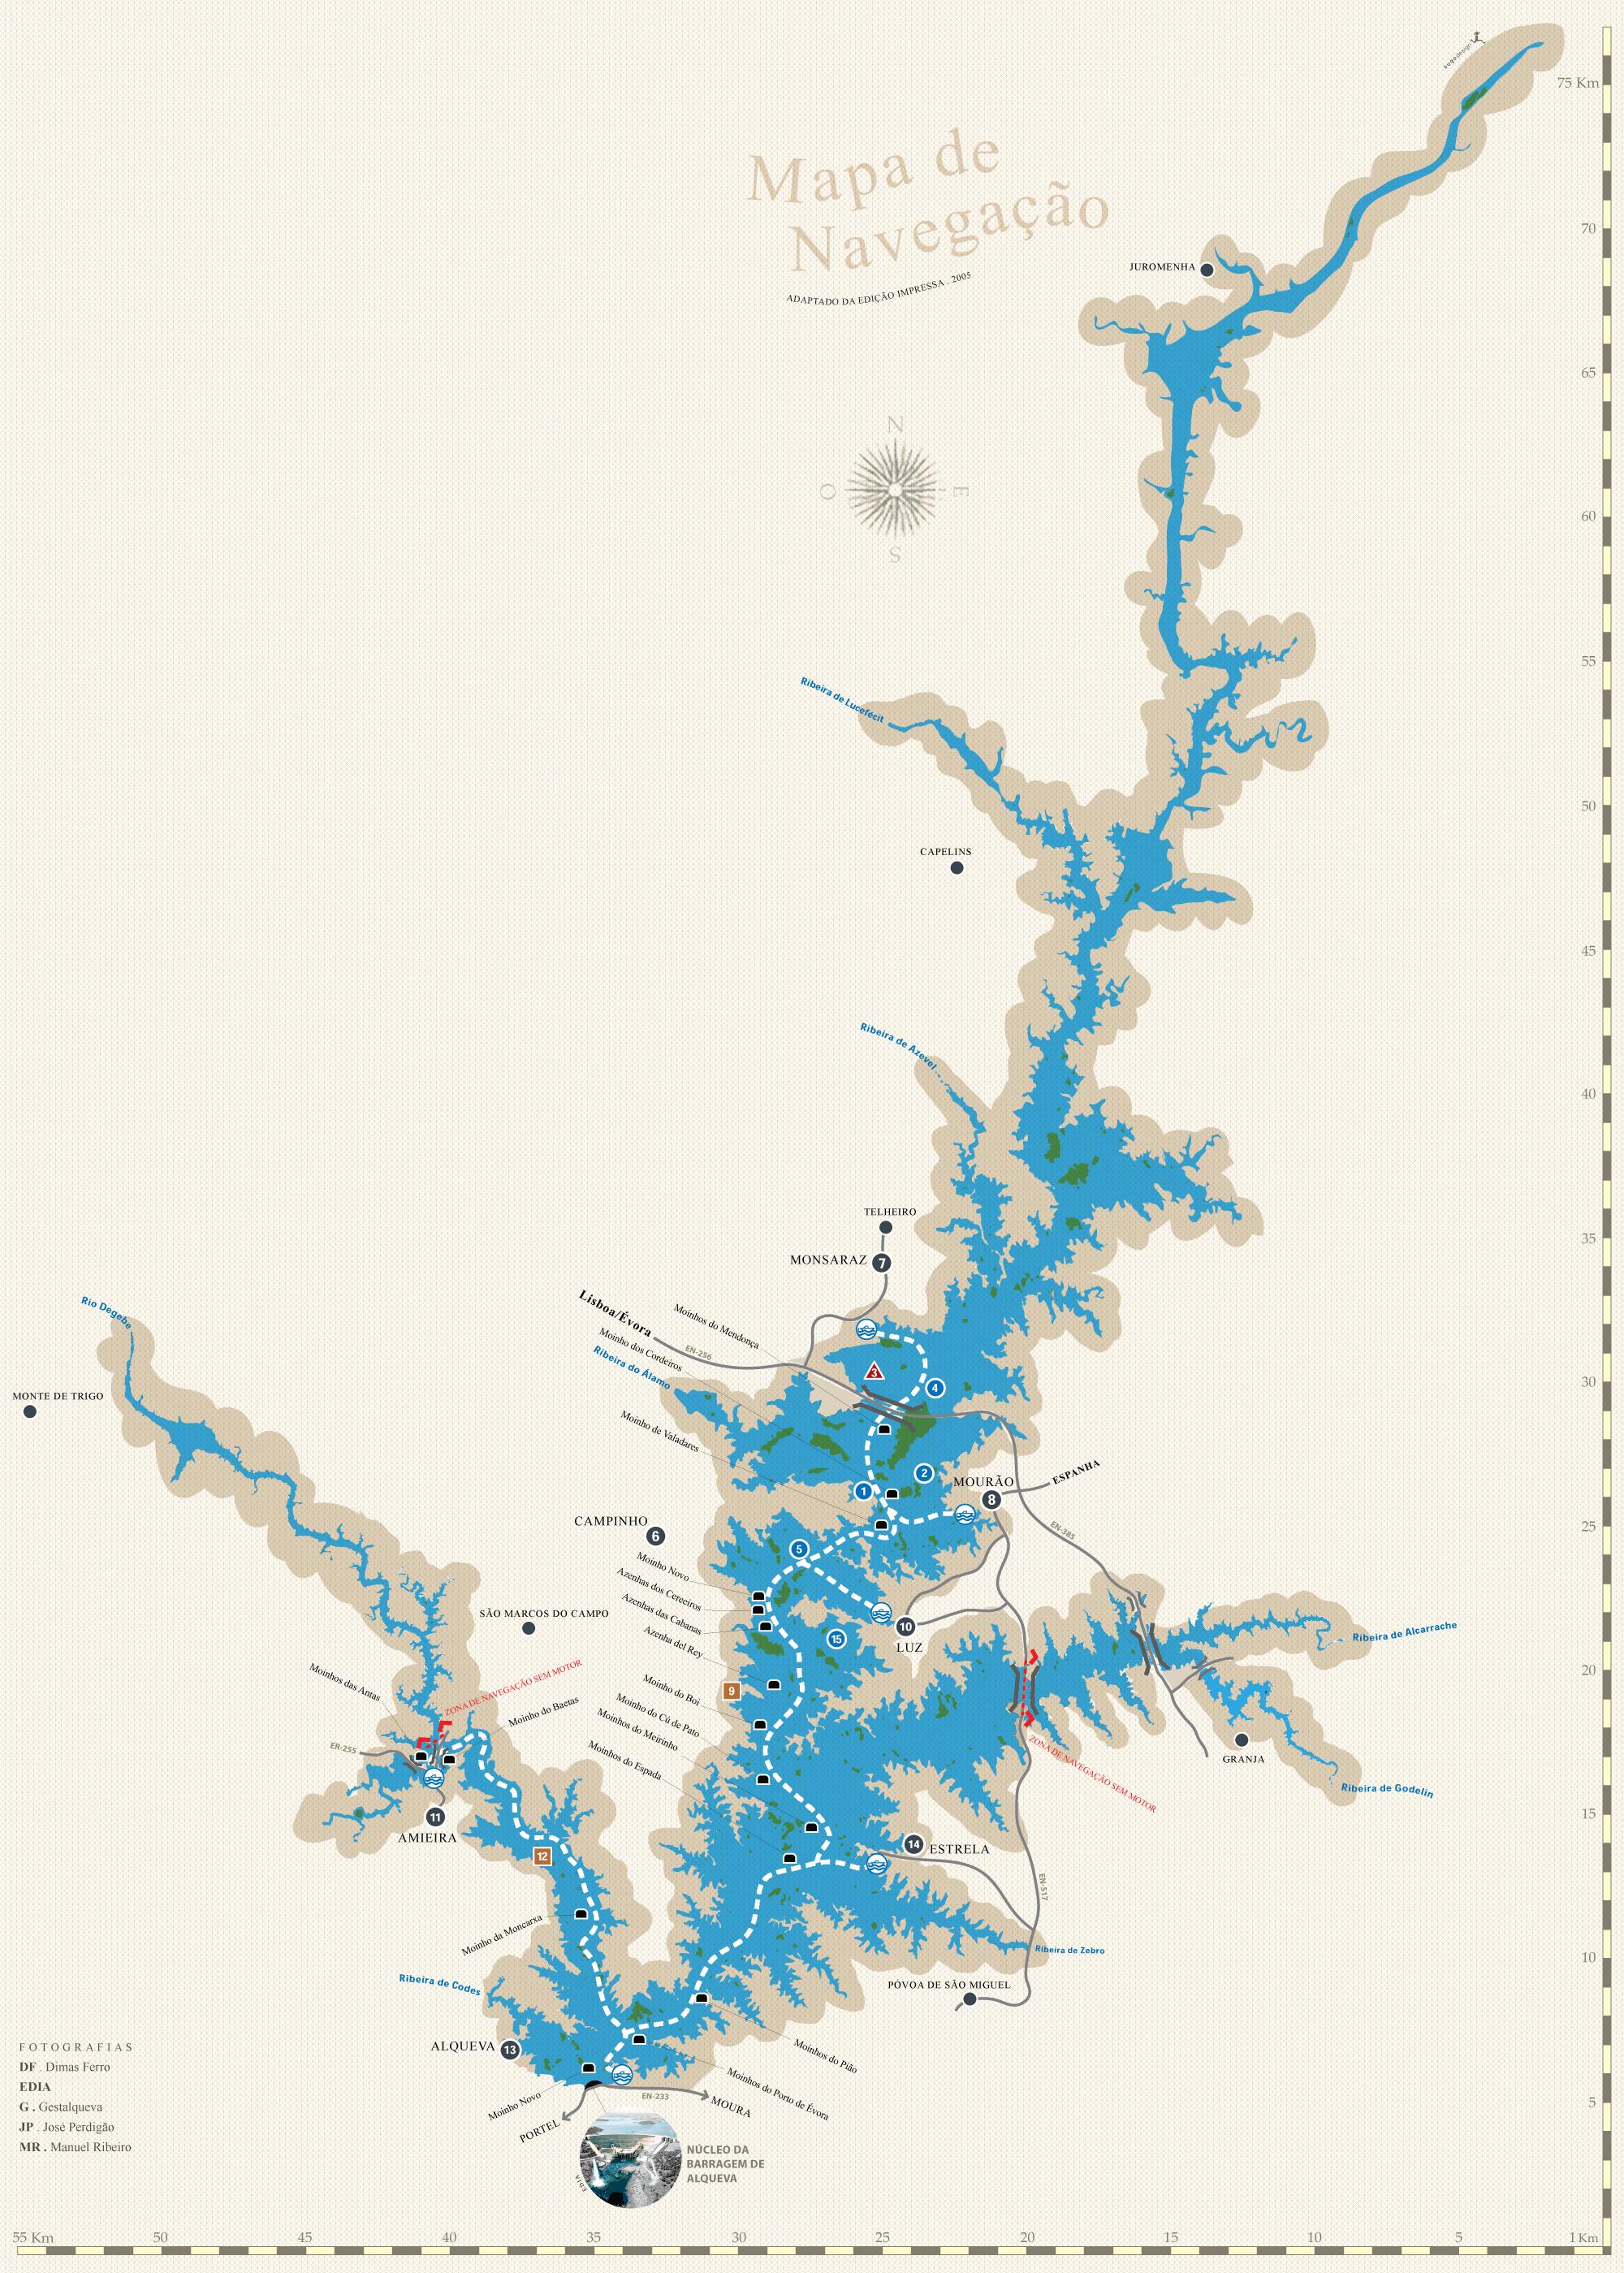 alqueva mapa Terras do Grande Lago Alqueva   Mapa de Navegação alqueva mapa